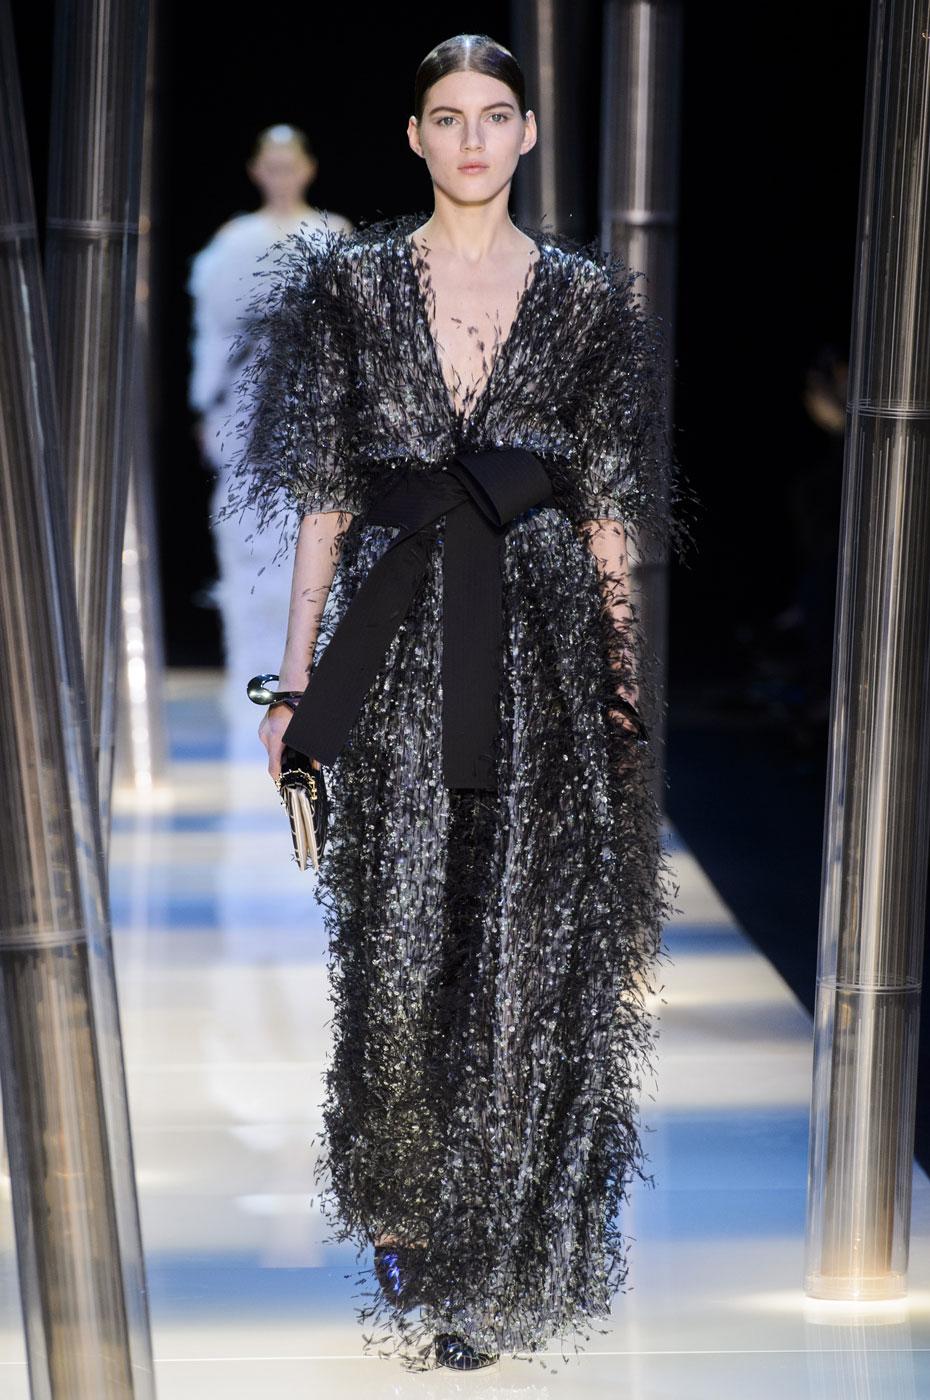 Giorgio-armani-Prive-fashion-runway-show-haute-couture-paris-spring-2015-the-impression-109